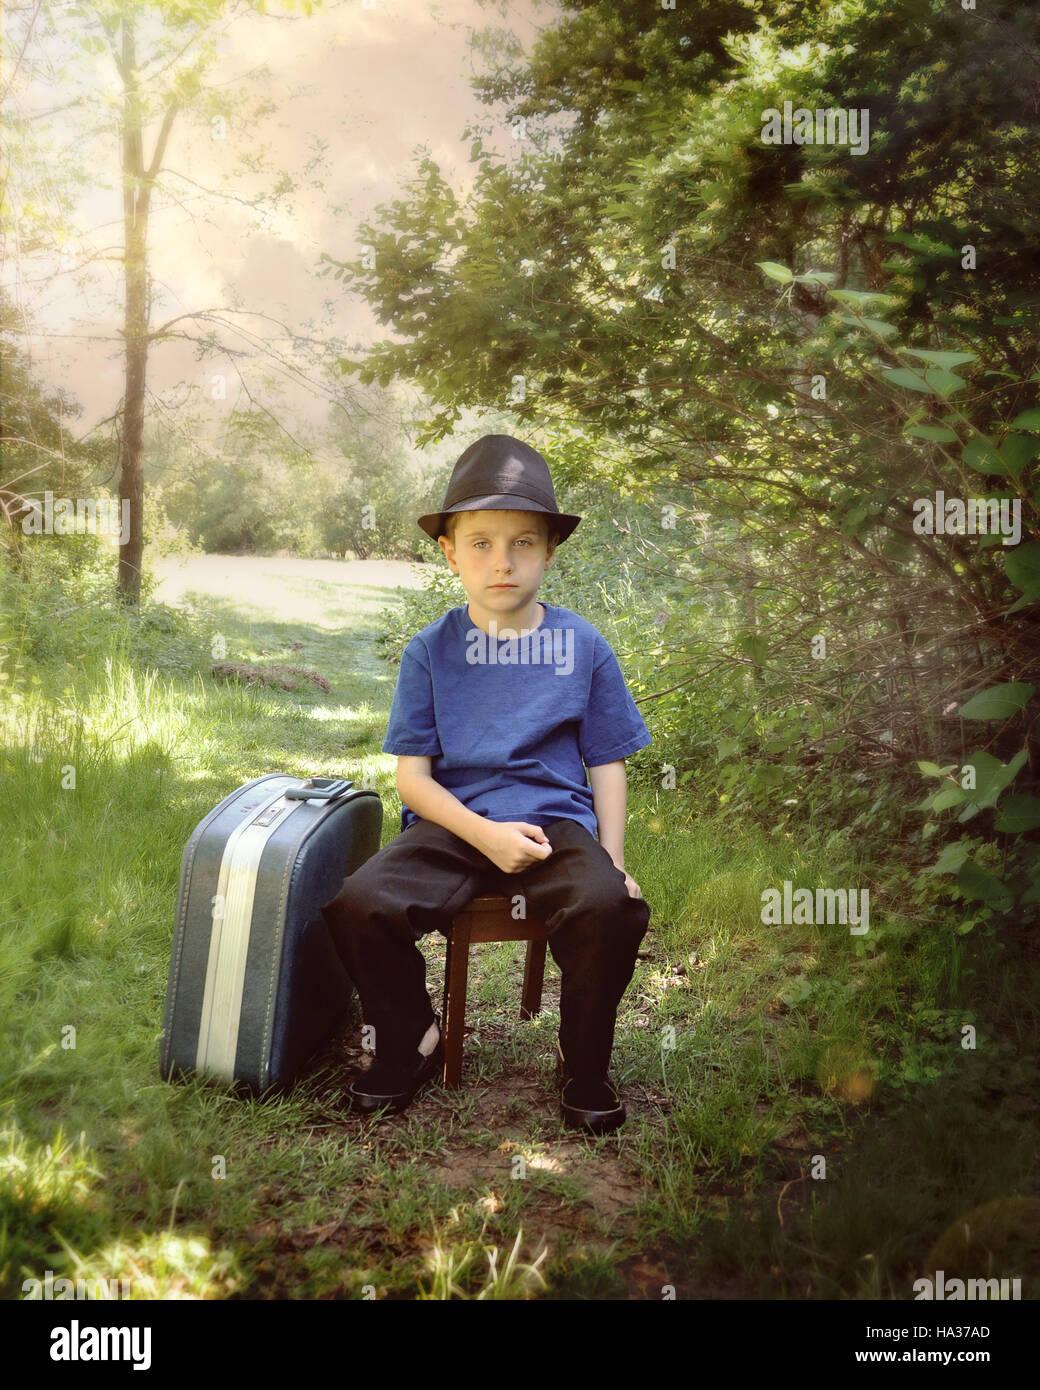 Un jeune garçon est assis sur un sentier dans les bois avec une valise et un chapeau. L'enfant l'air triste pour un voyage ou vacances. Banque D'Images